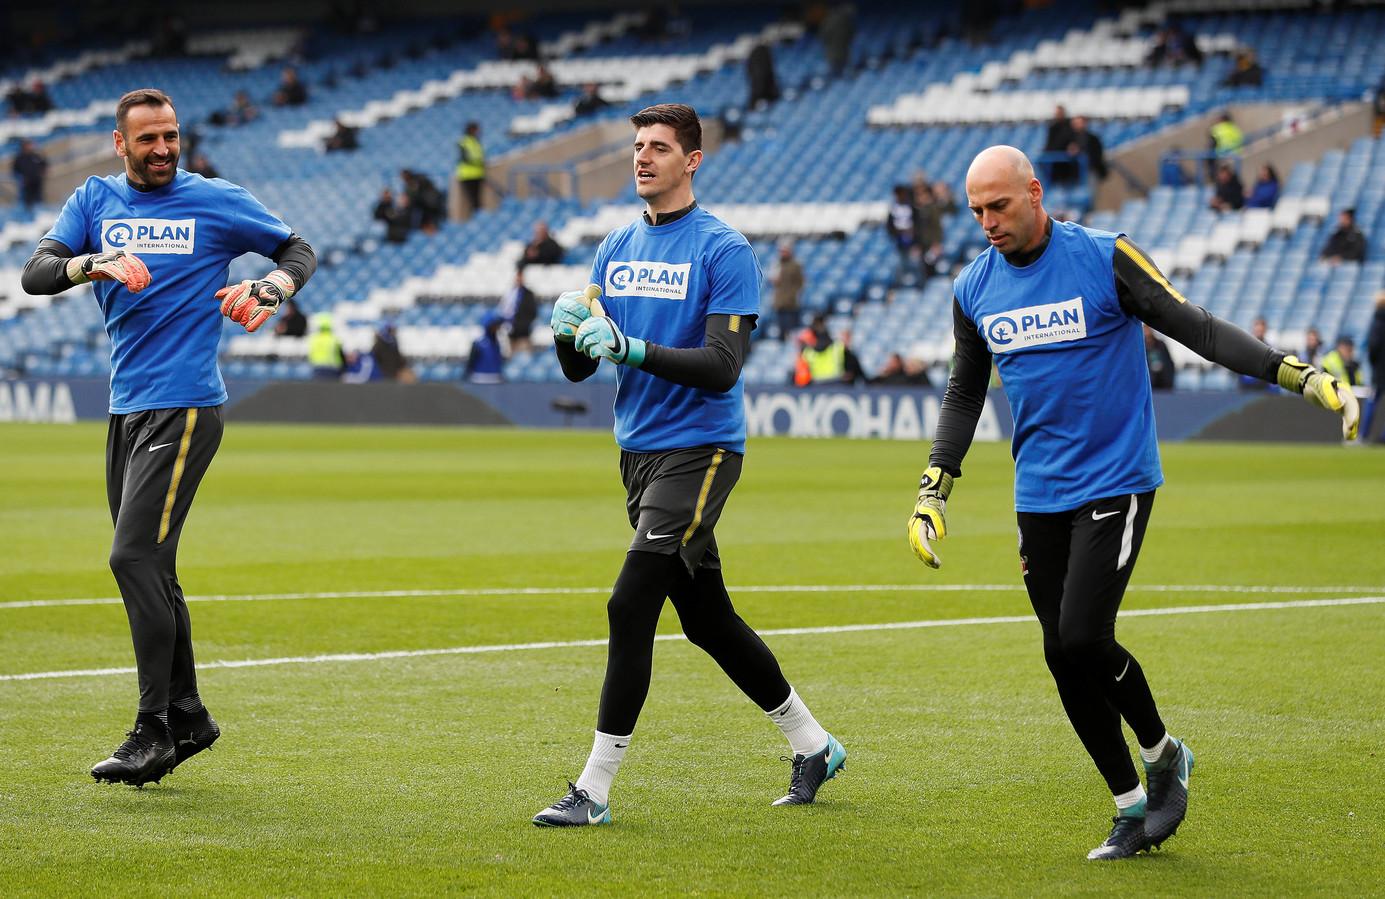 Eduardo in zijn rol bij Chelsea. Hij doet de warming-up met eerste keeper Thibaut Courtois (midden) en Willy Caballero (rechts). De Portugees gaat nu bij Vitesse aan de slag.